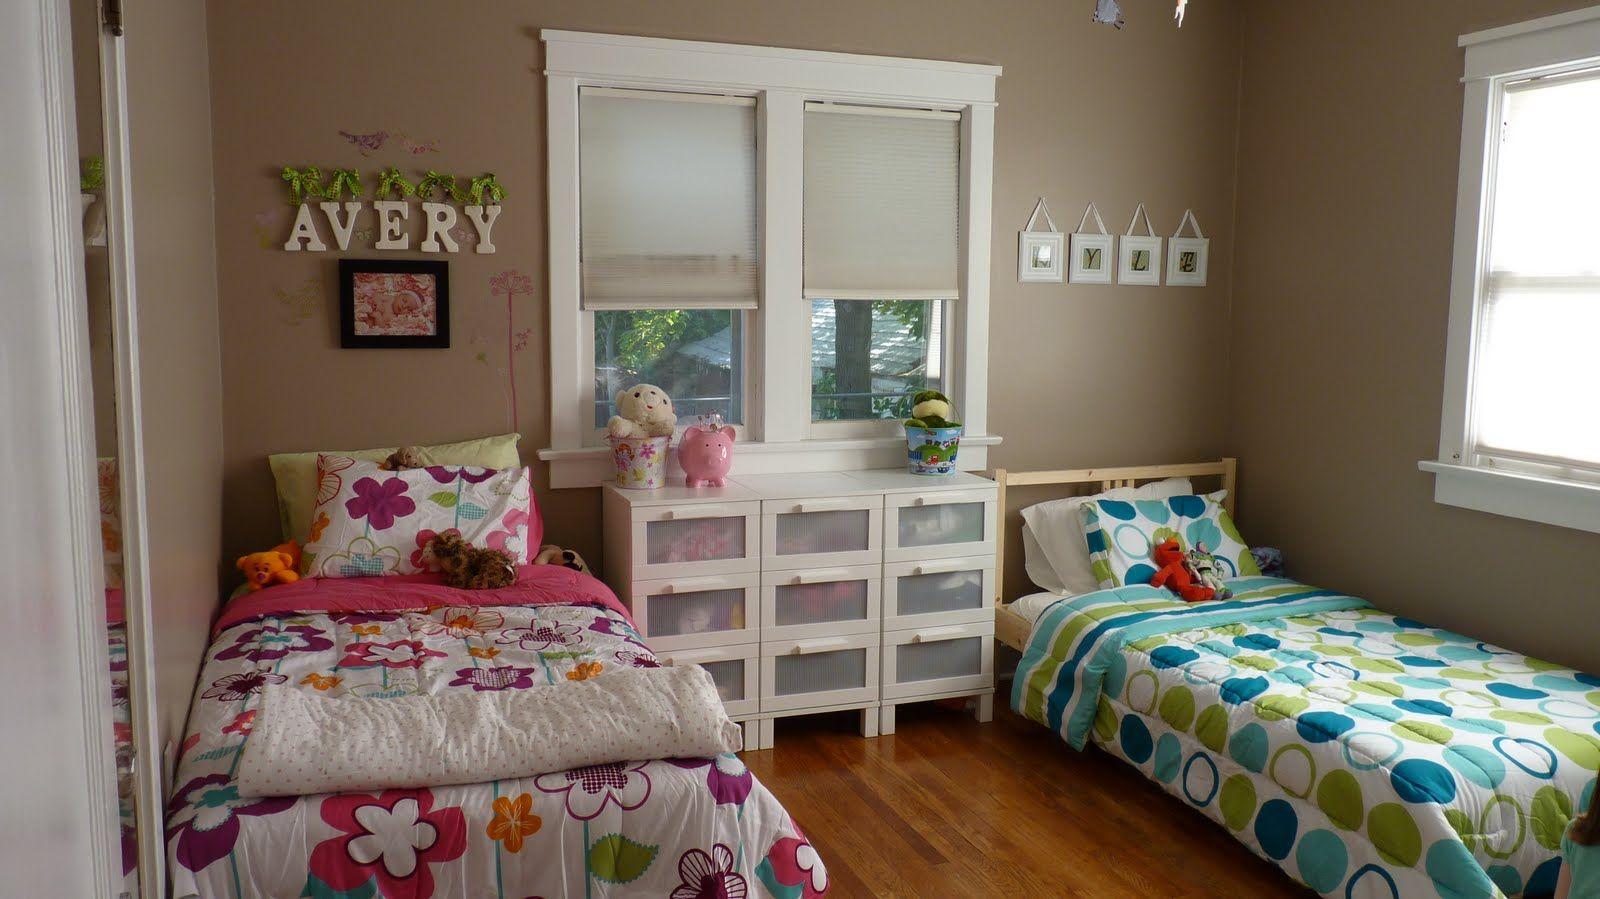 Shared Boy Girl Room Shared Girls Bedroom Shared Girls Room Boy And Girl Shared Bedroom